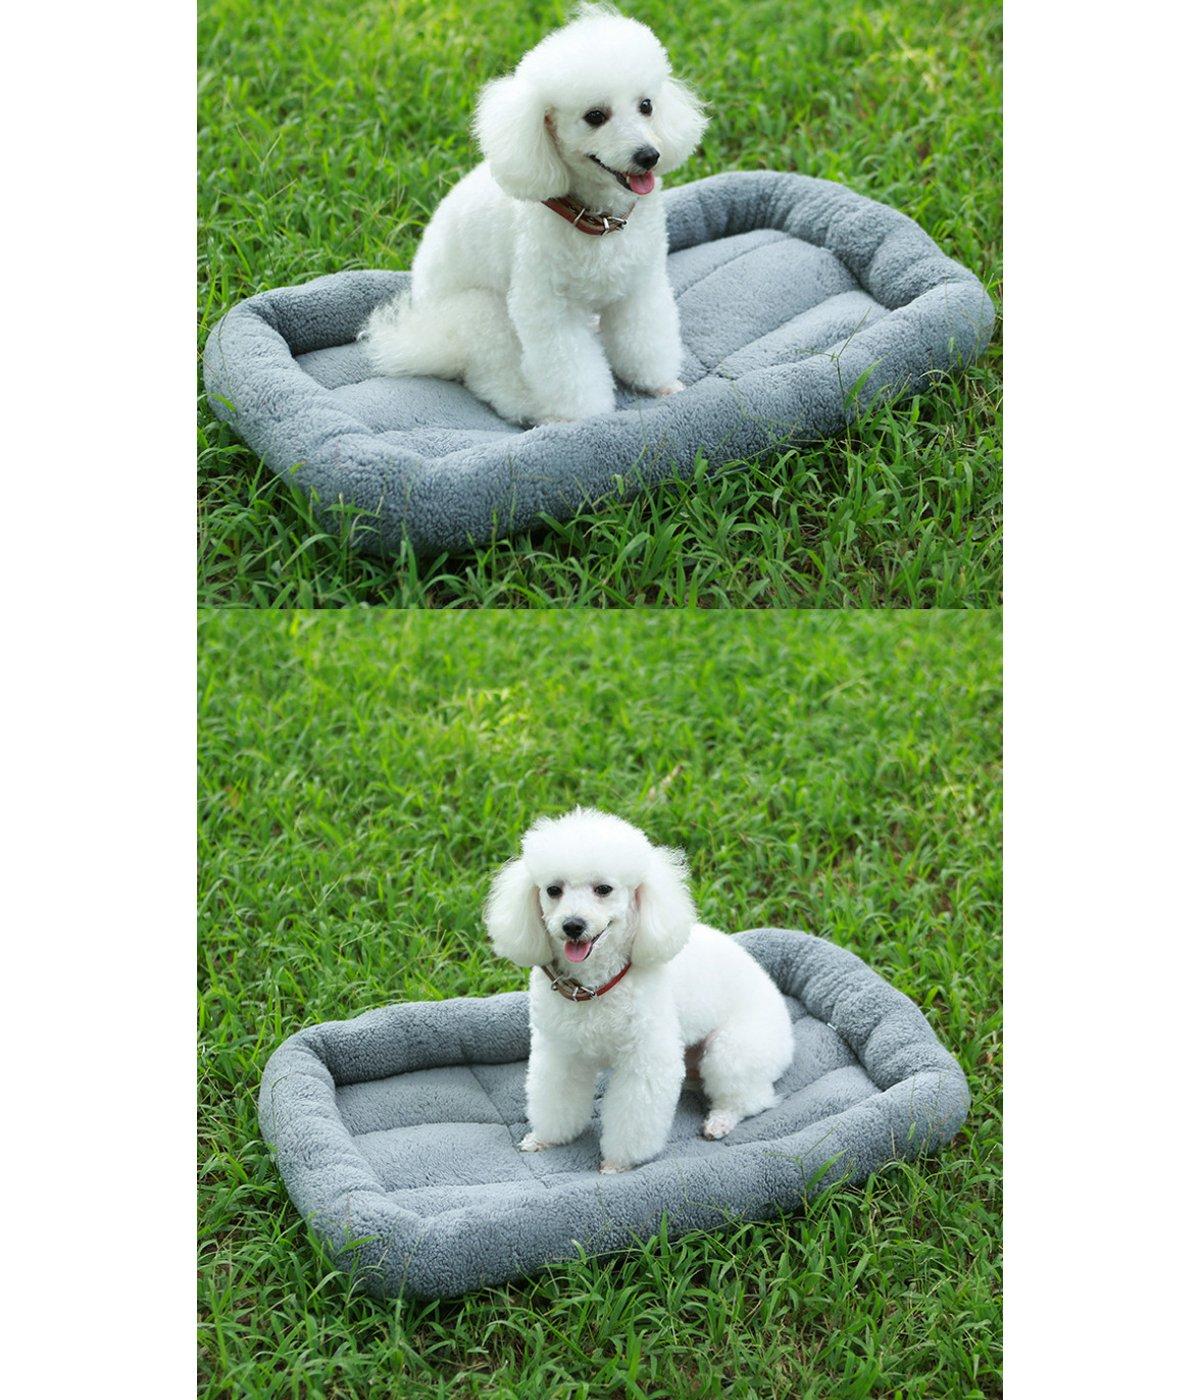 PETCUTE Cuccia per Cani Cuscino Lavabile Cuccia per Gatti Caldo Letto Tappetino Accogliente Cuscino Materasso per Animali